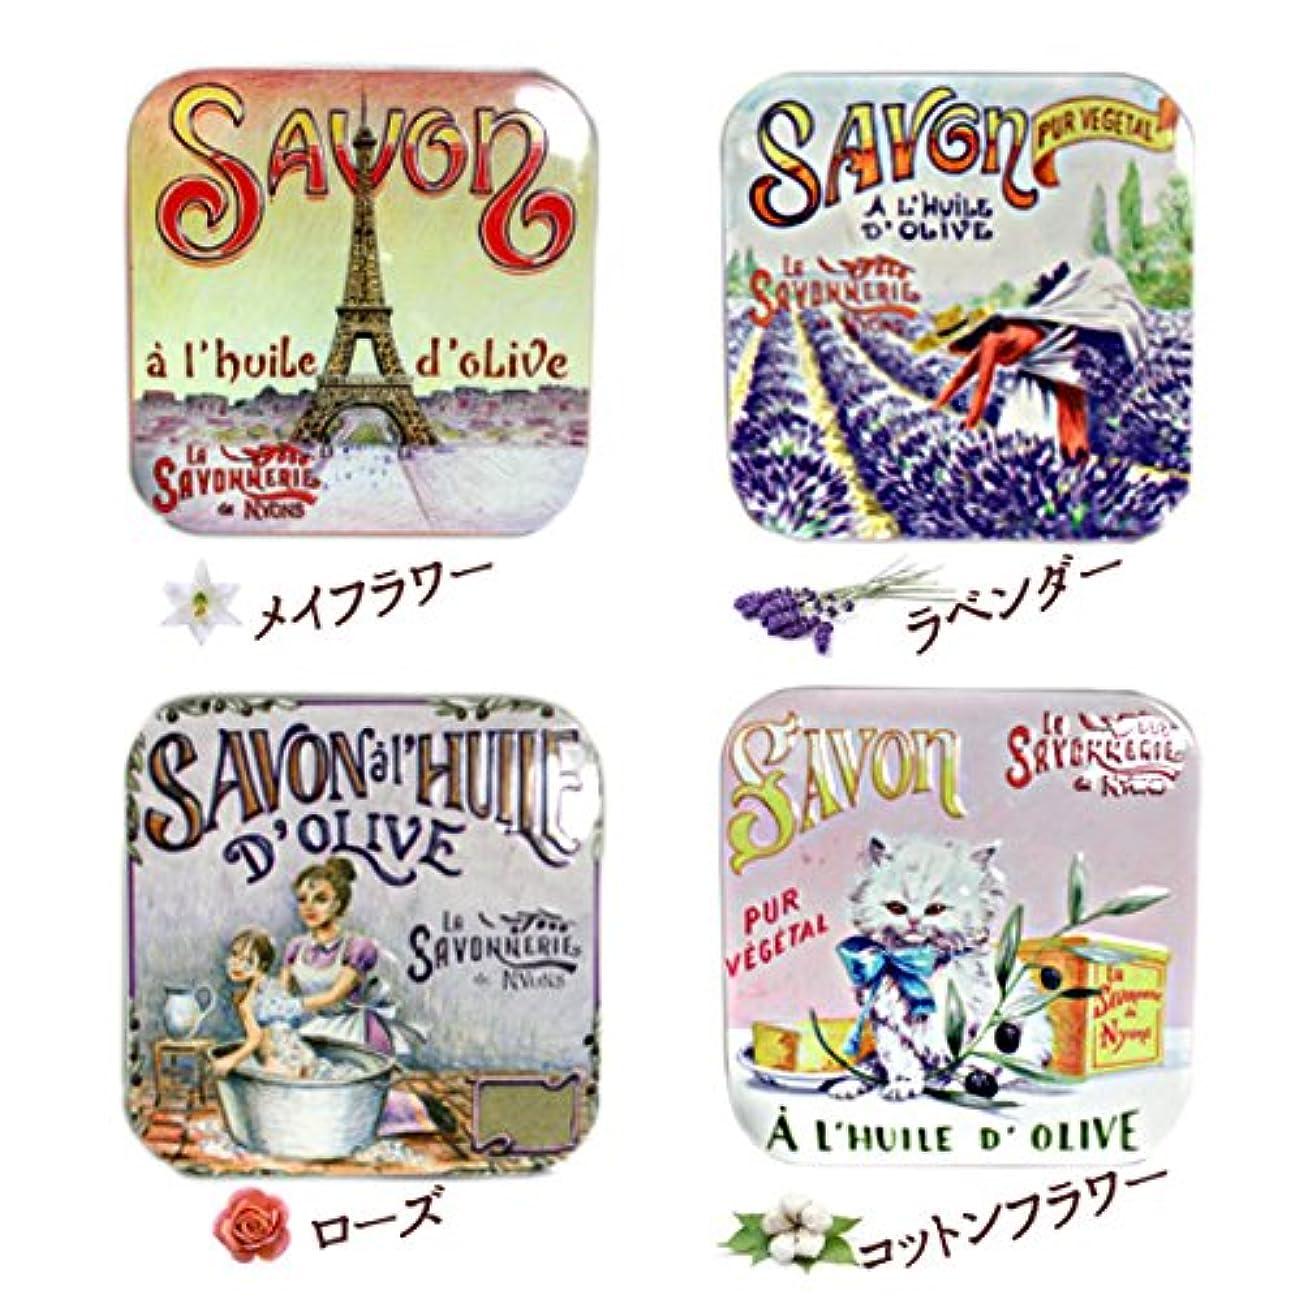 マウント強制汚染されたラサボネリー アンティーク缶入り石鹸 タイプ100 95g (ローズ)